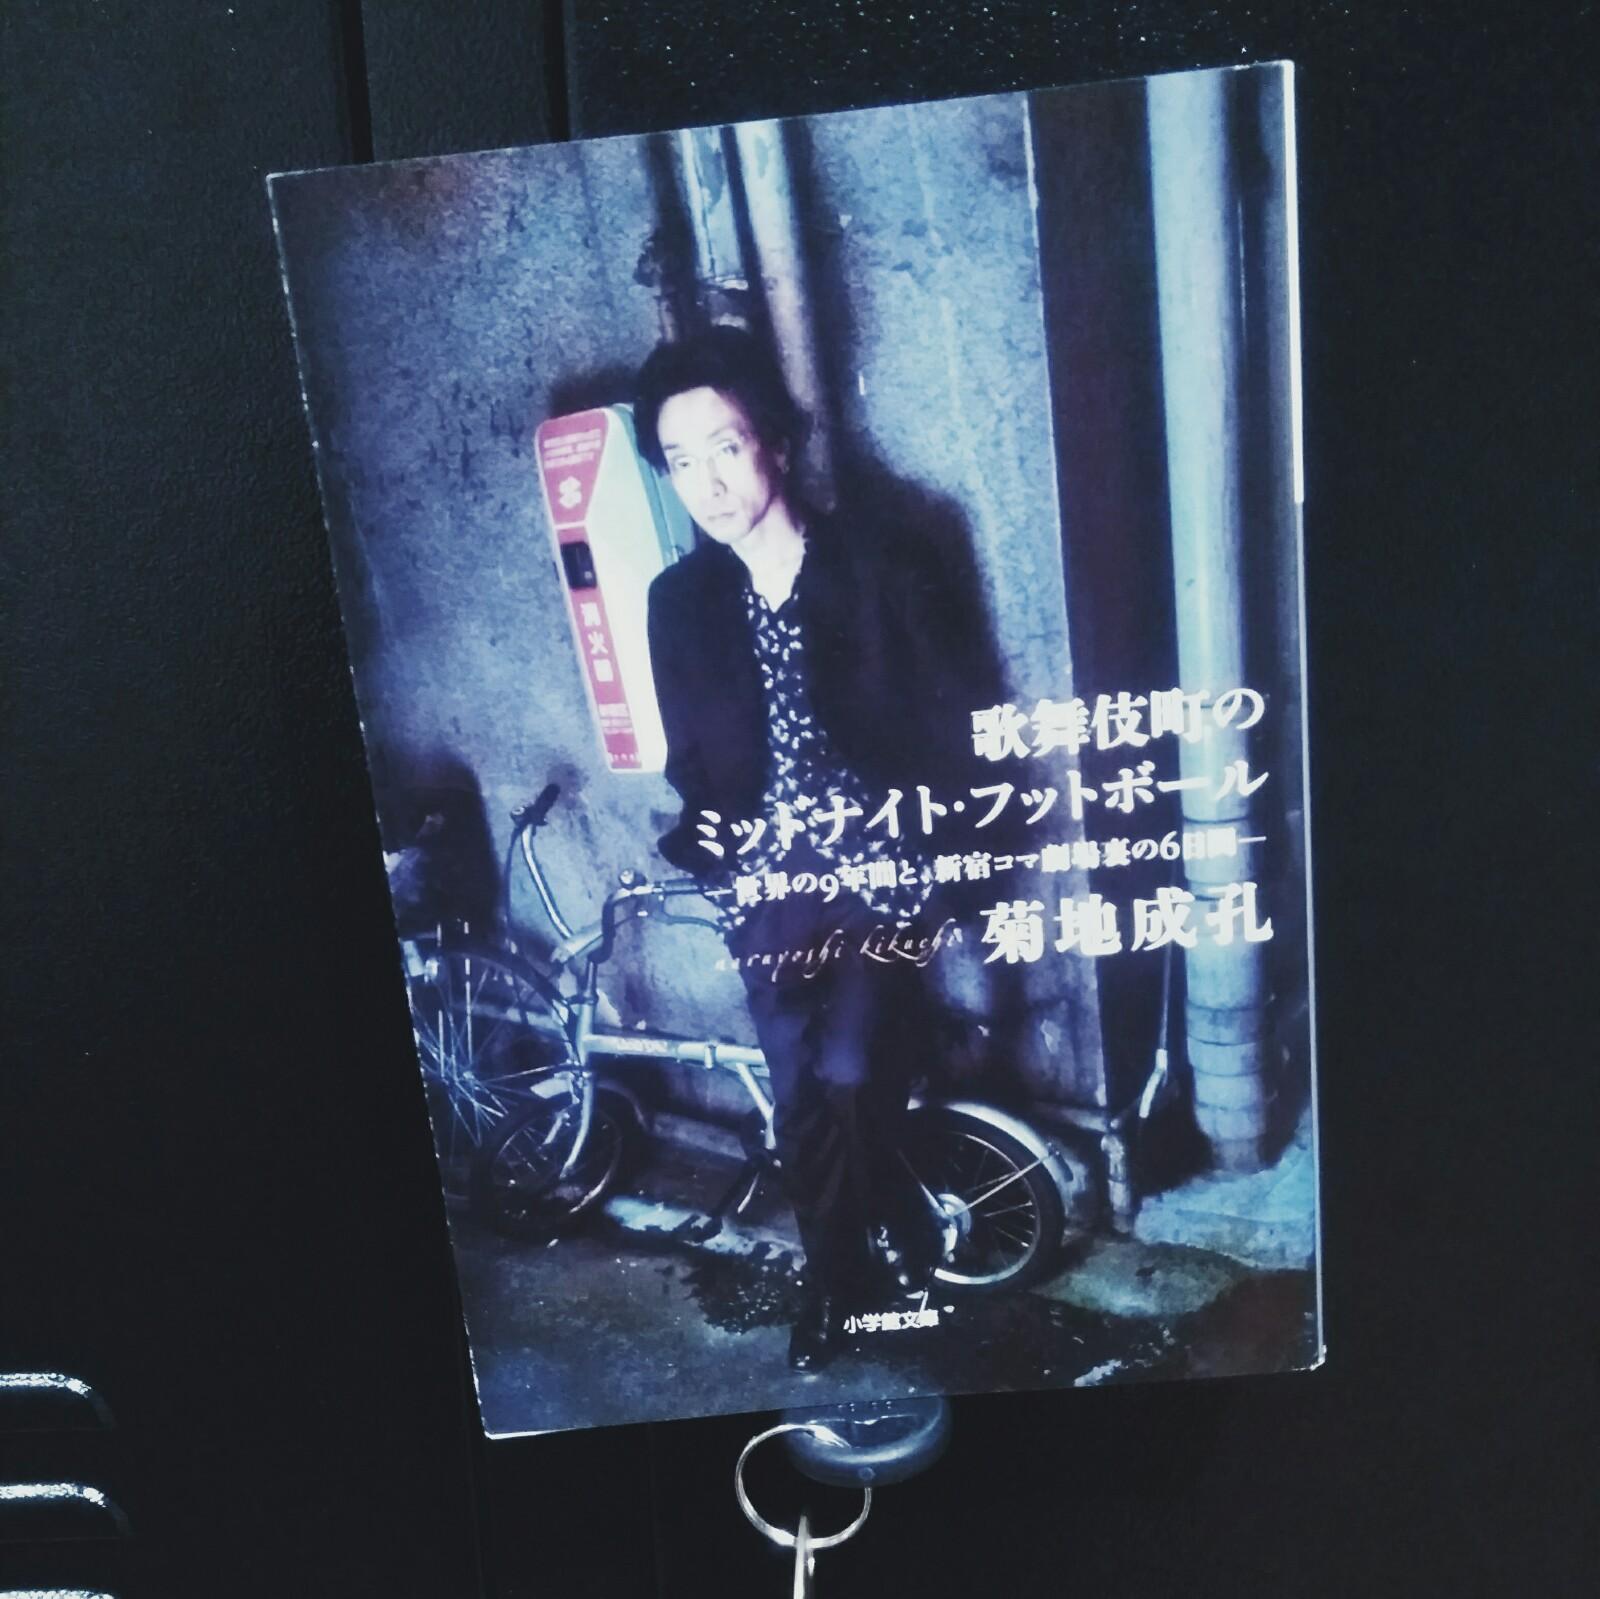 菊地成孔『歌舞伎町のミッドナイト・フットボール』(小学館)